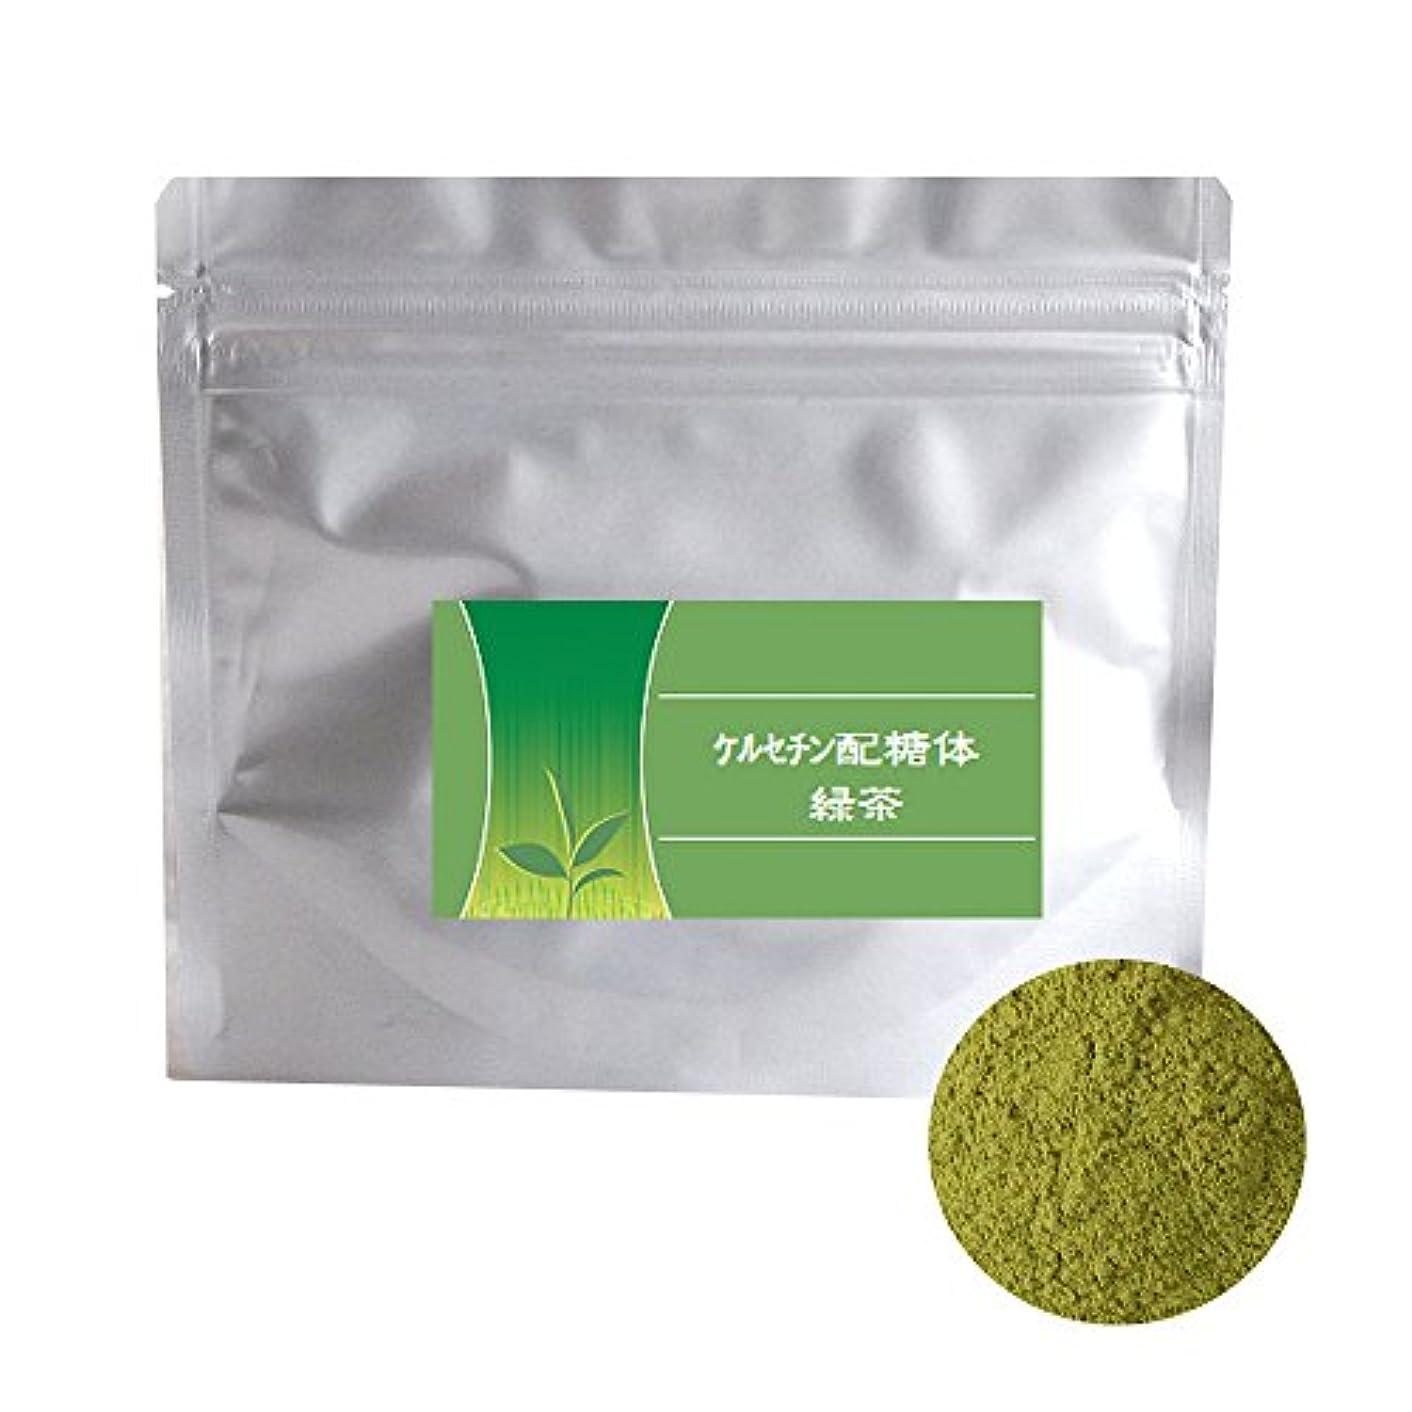 かどうか低下フレアケルセチン配糖体緑茶 ジップパック50g(z) 粉末 パウダー インスタント 緑茶